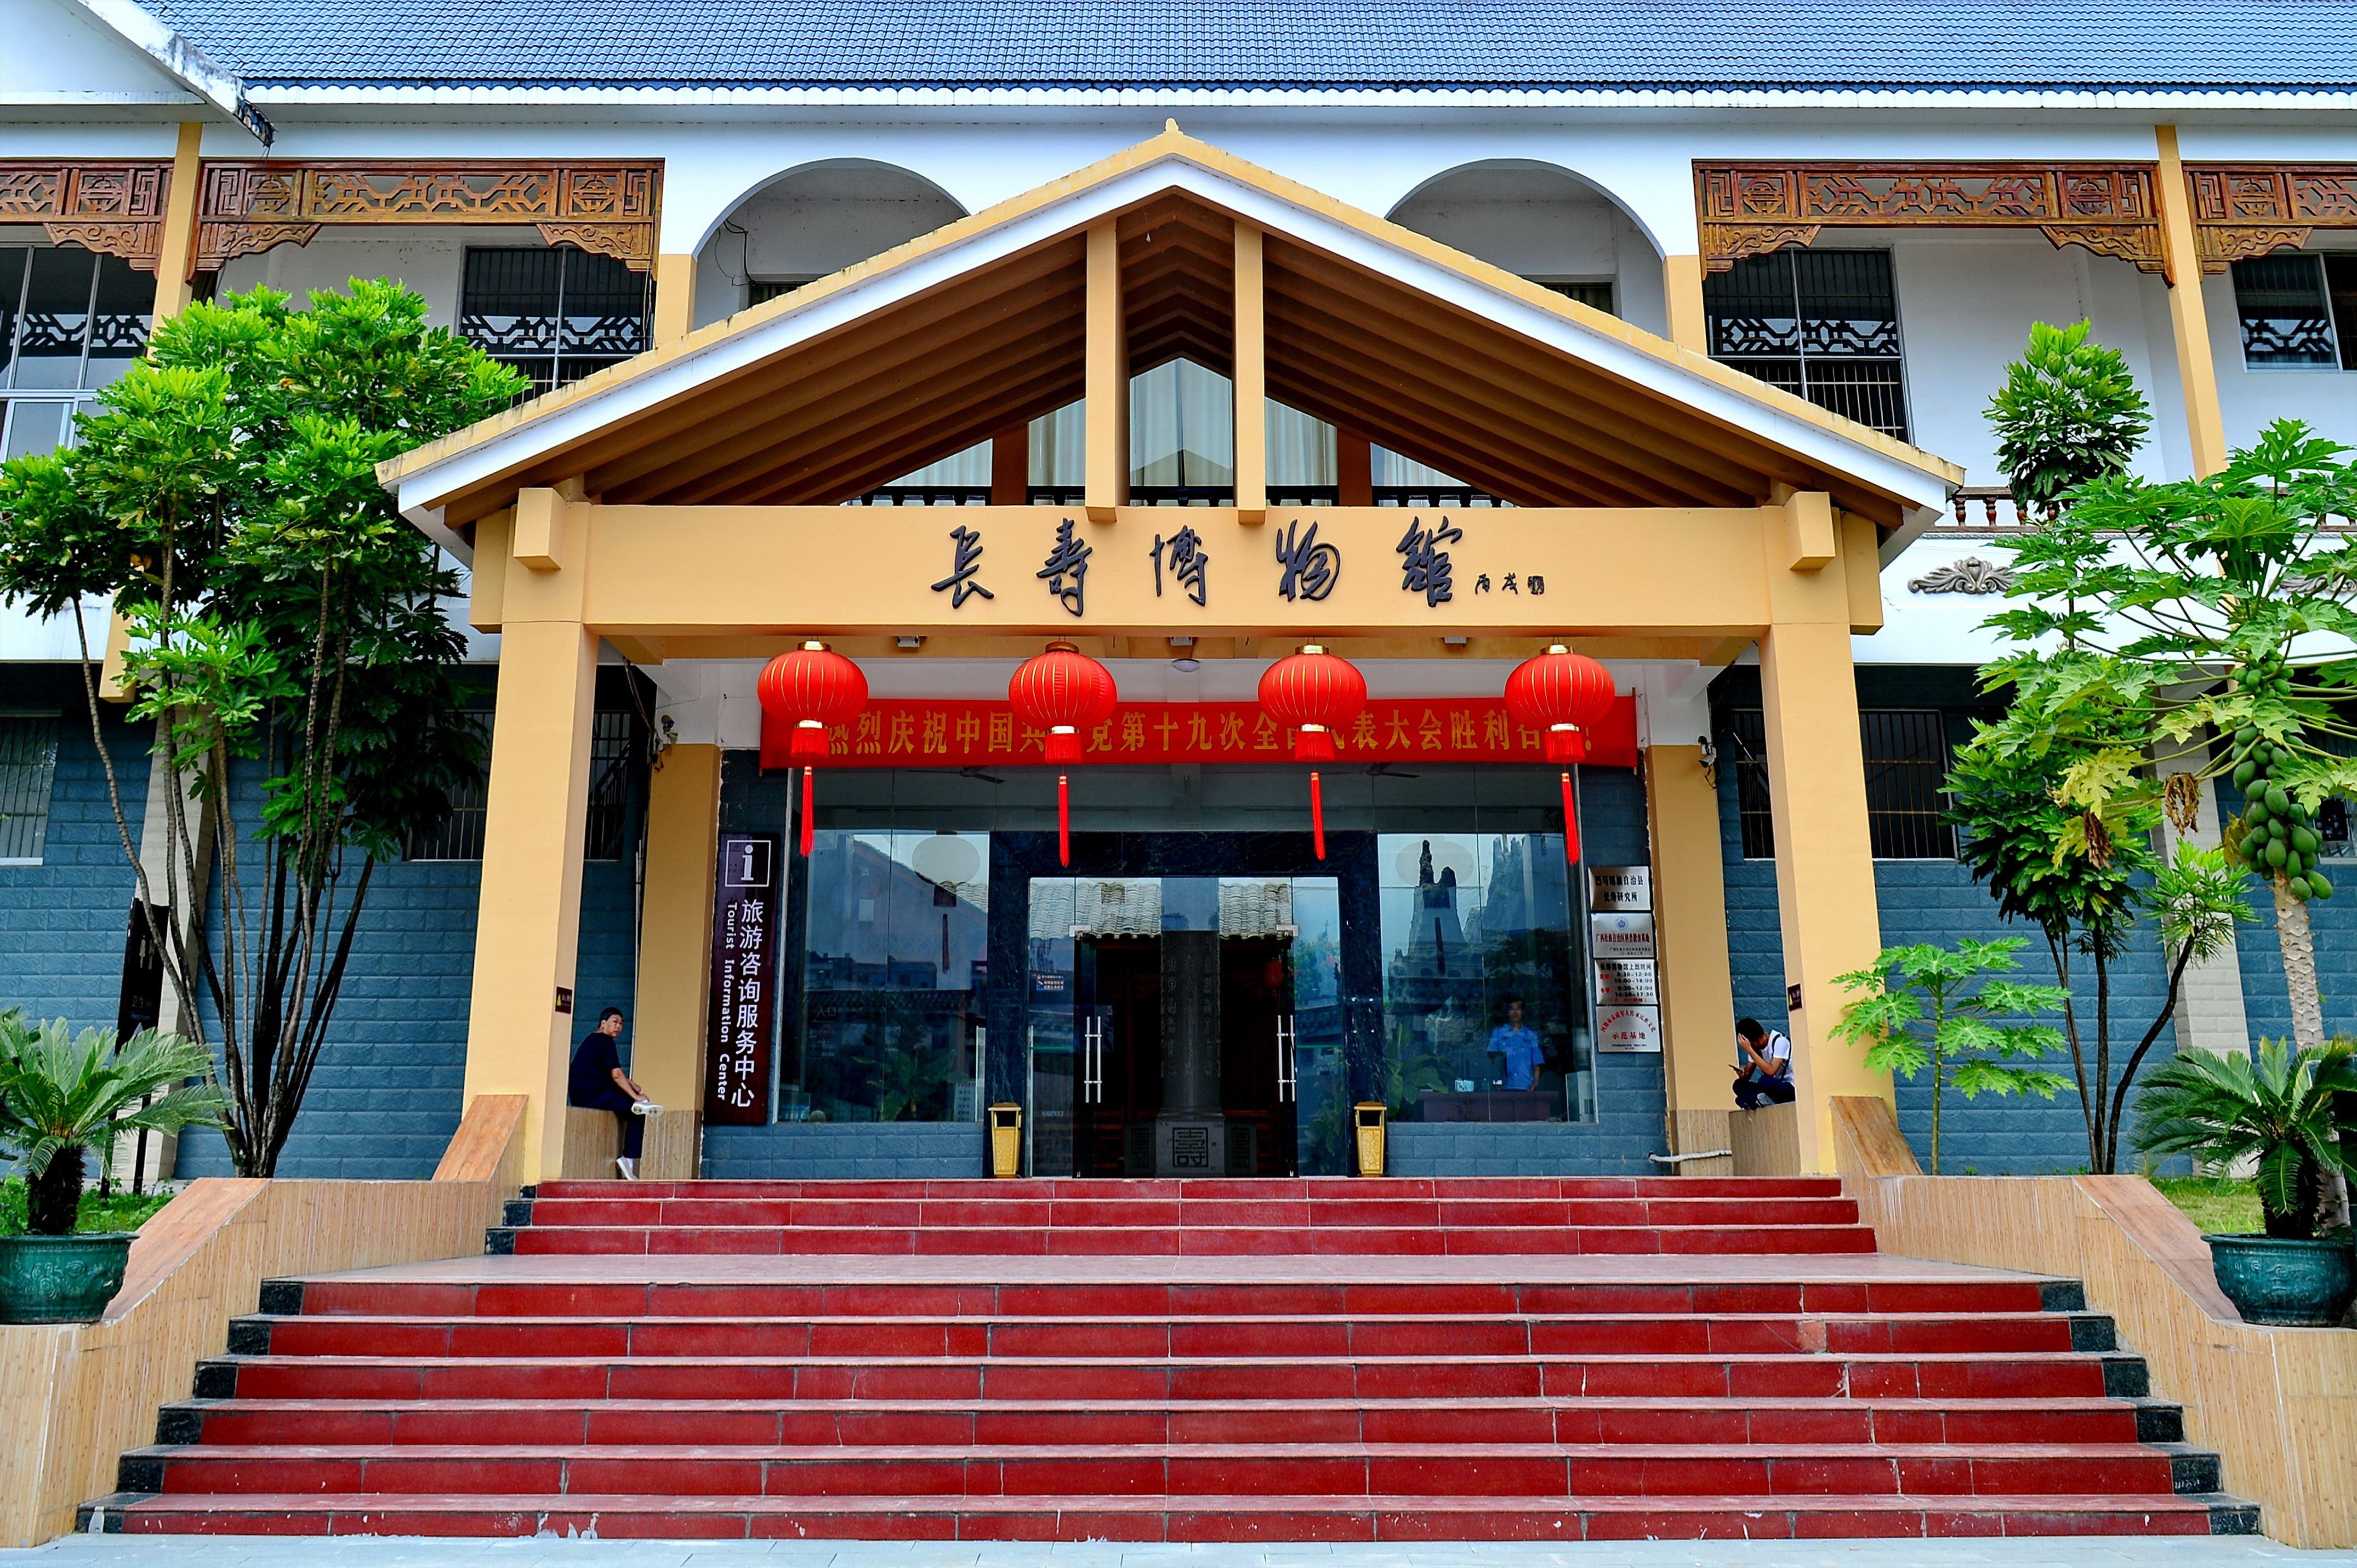 Changshou Museum